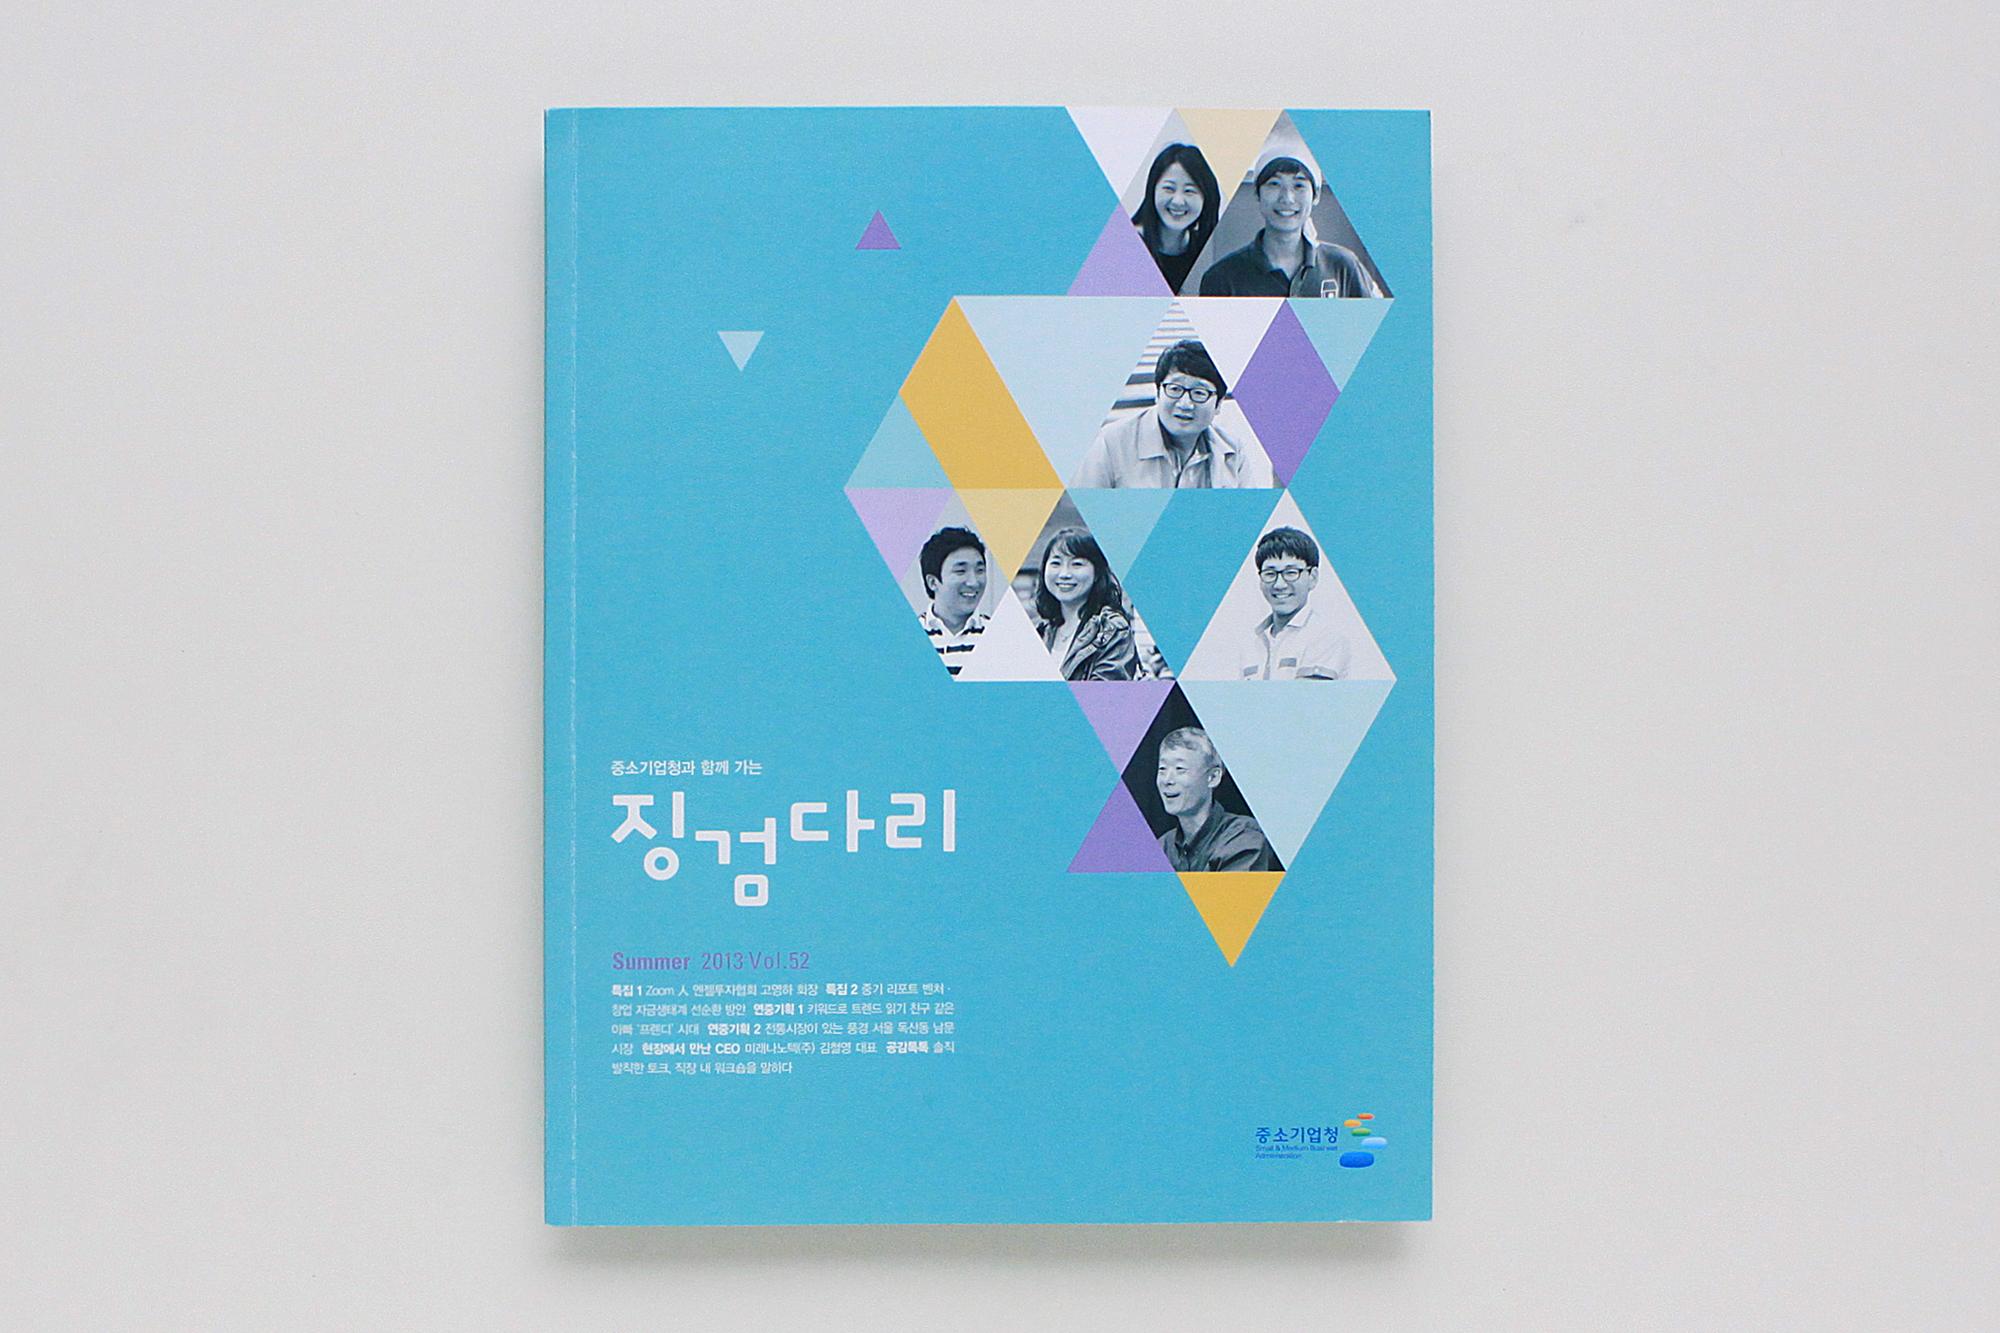 2013-징검다리 (1)